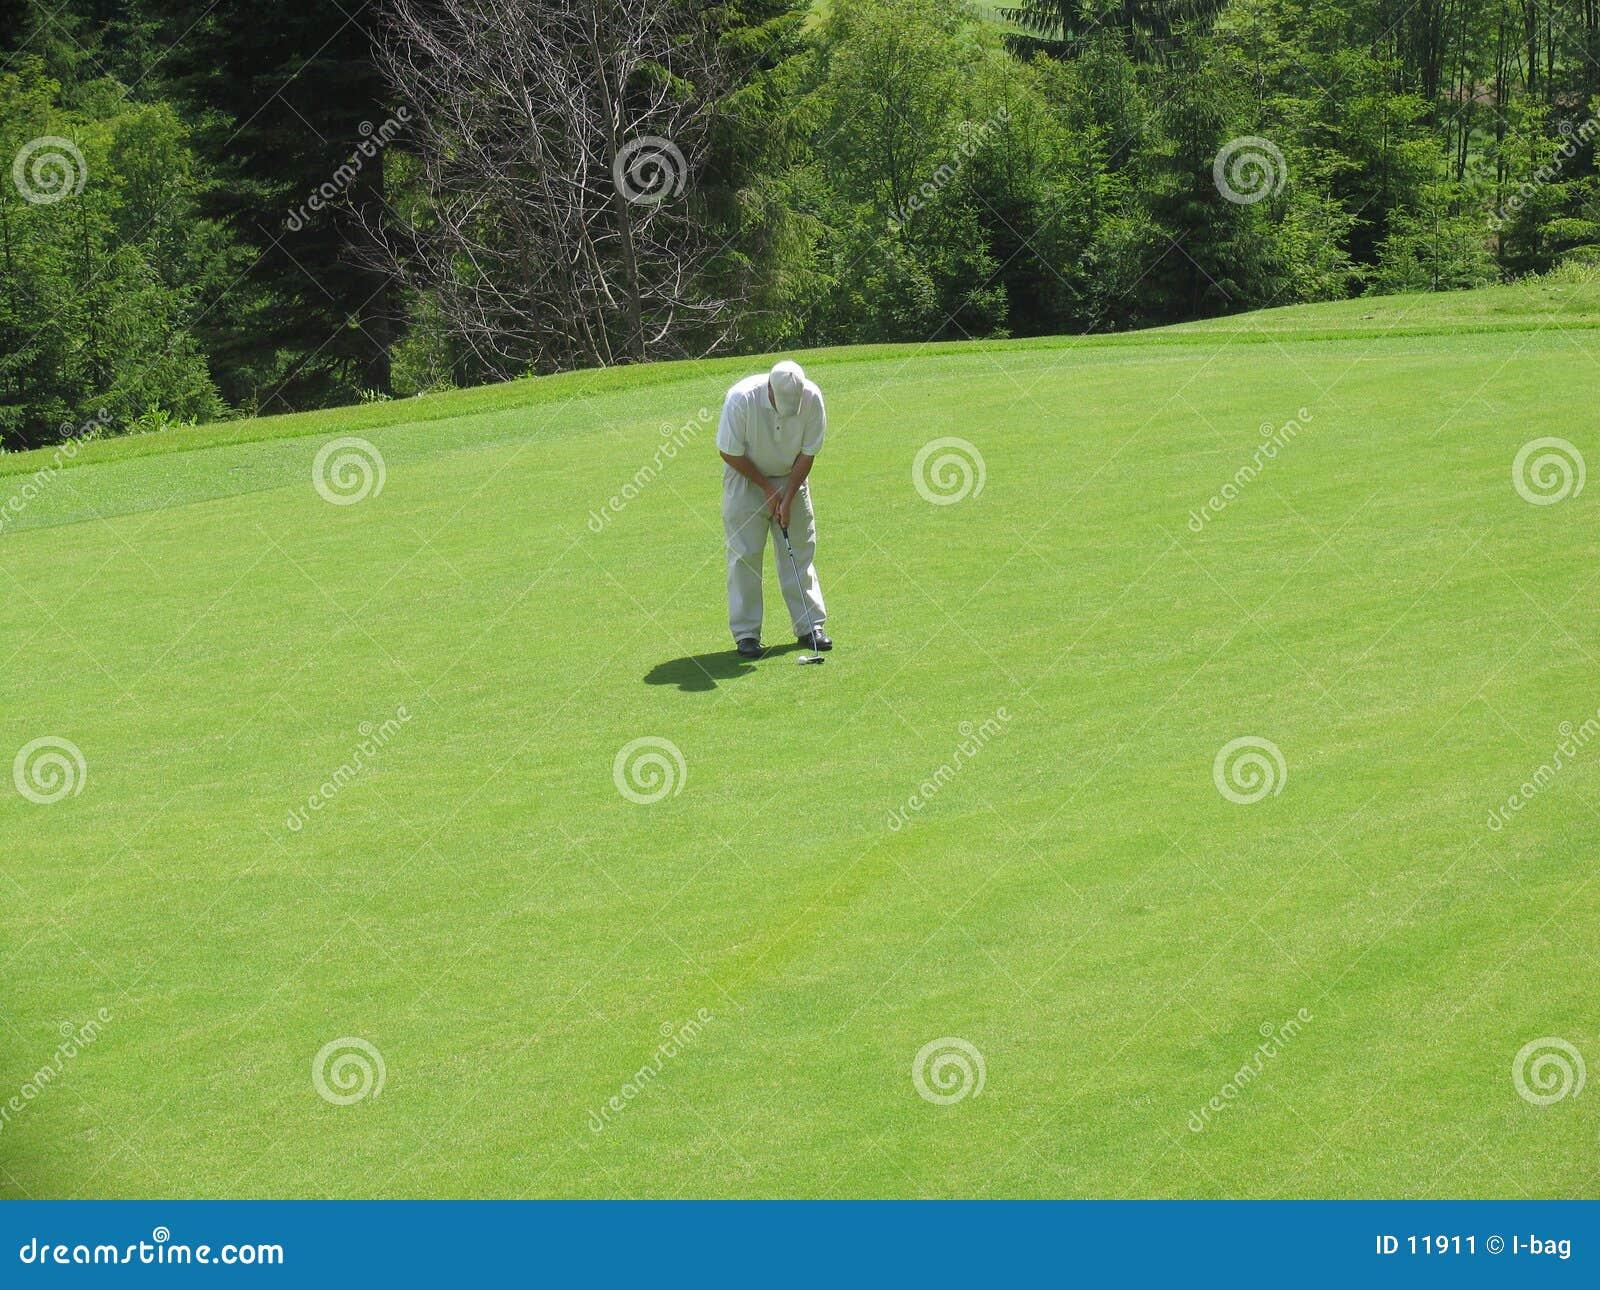 集中的高尔夫球运动员